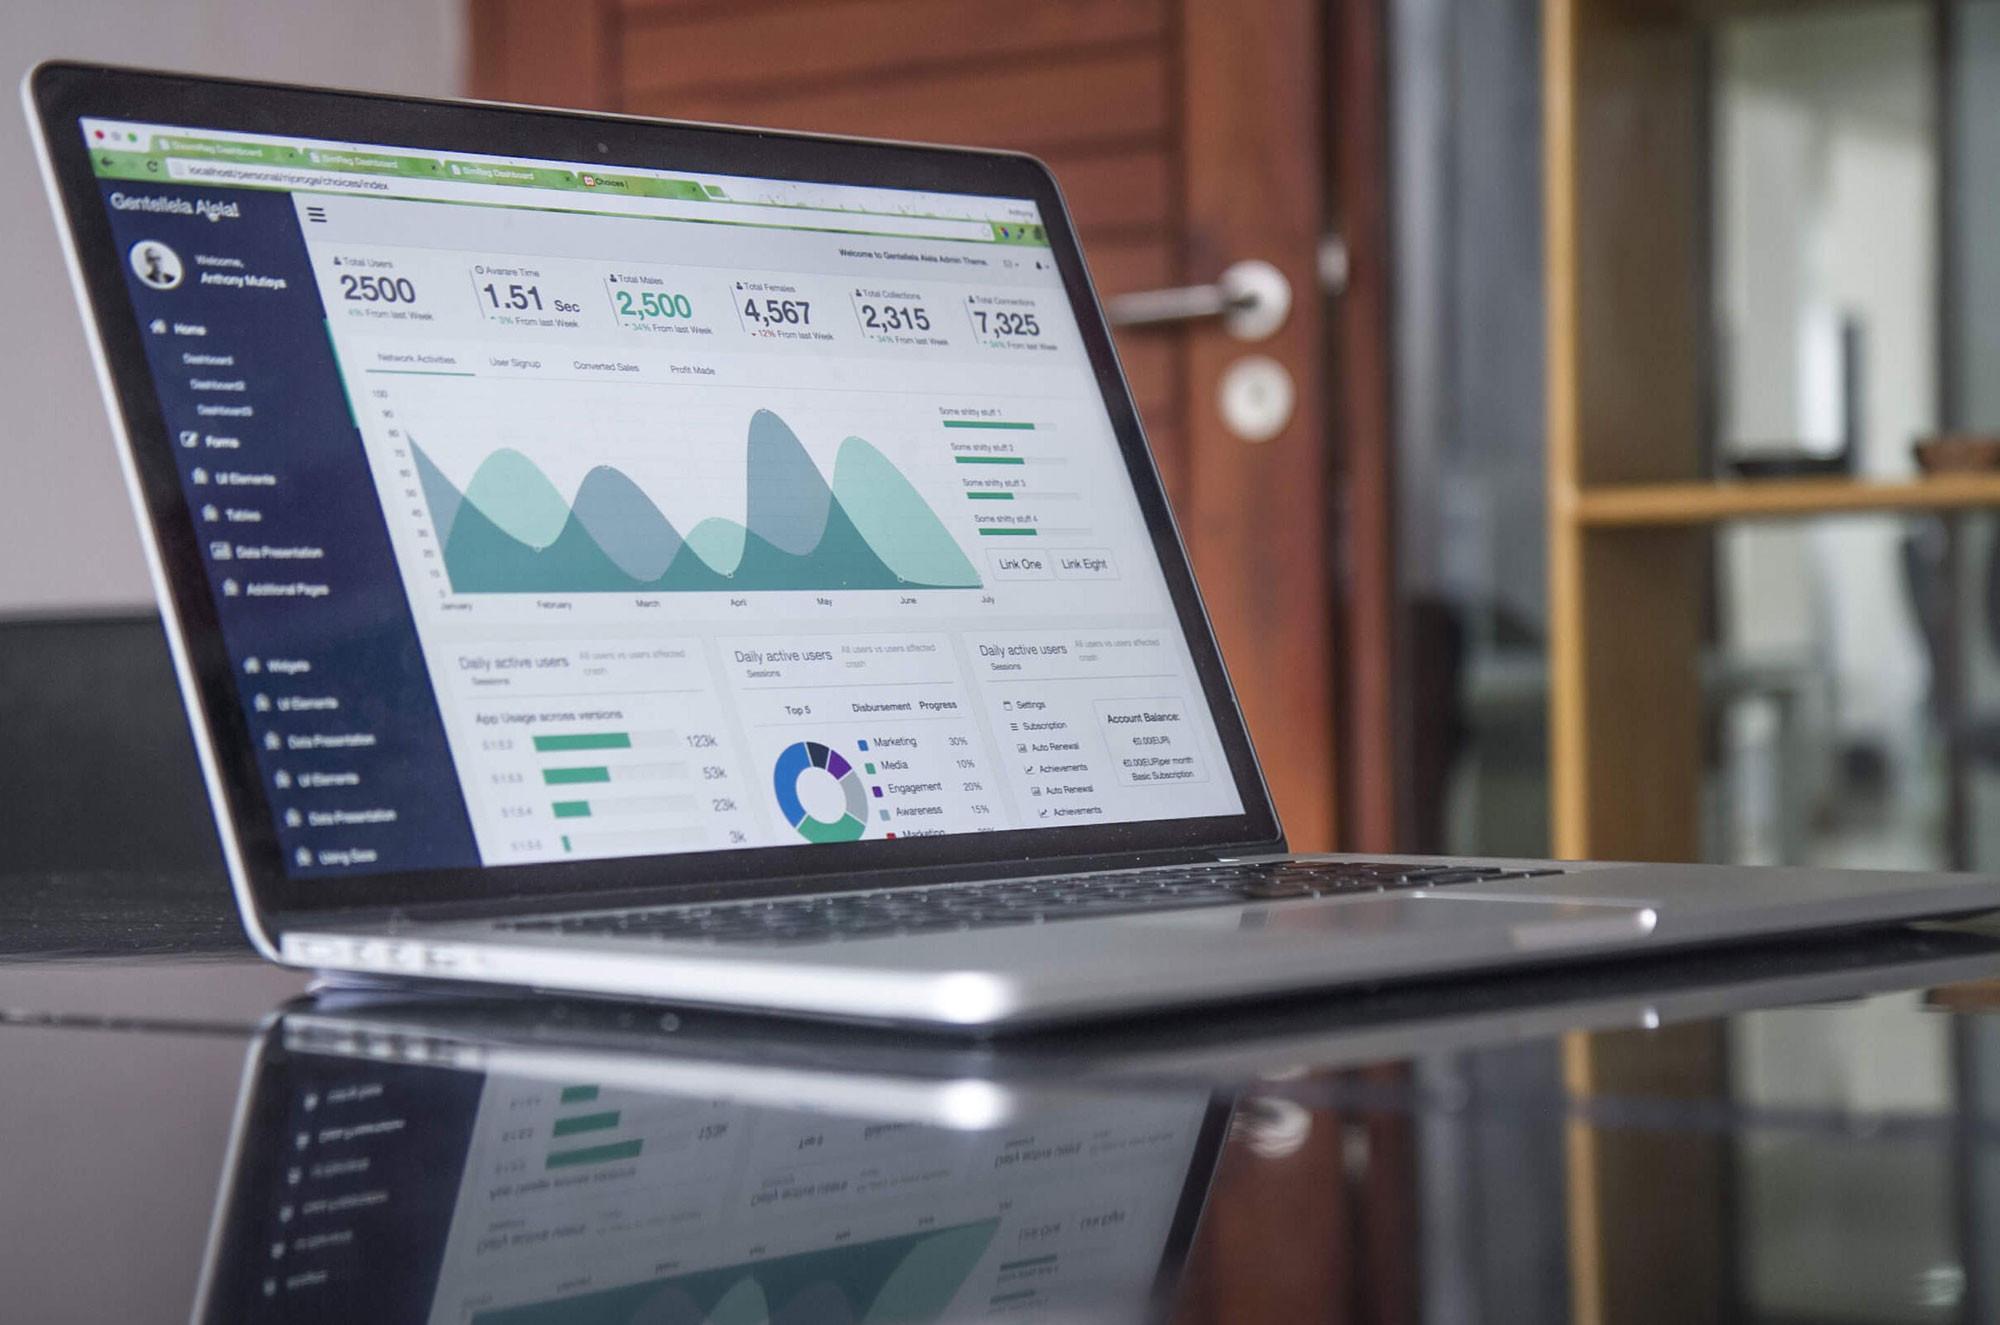 Les éléments de base pour l'optimisation SEO d'un site web